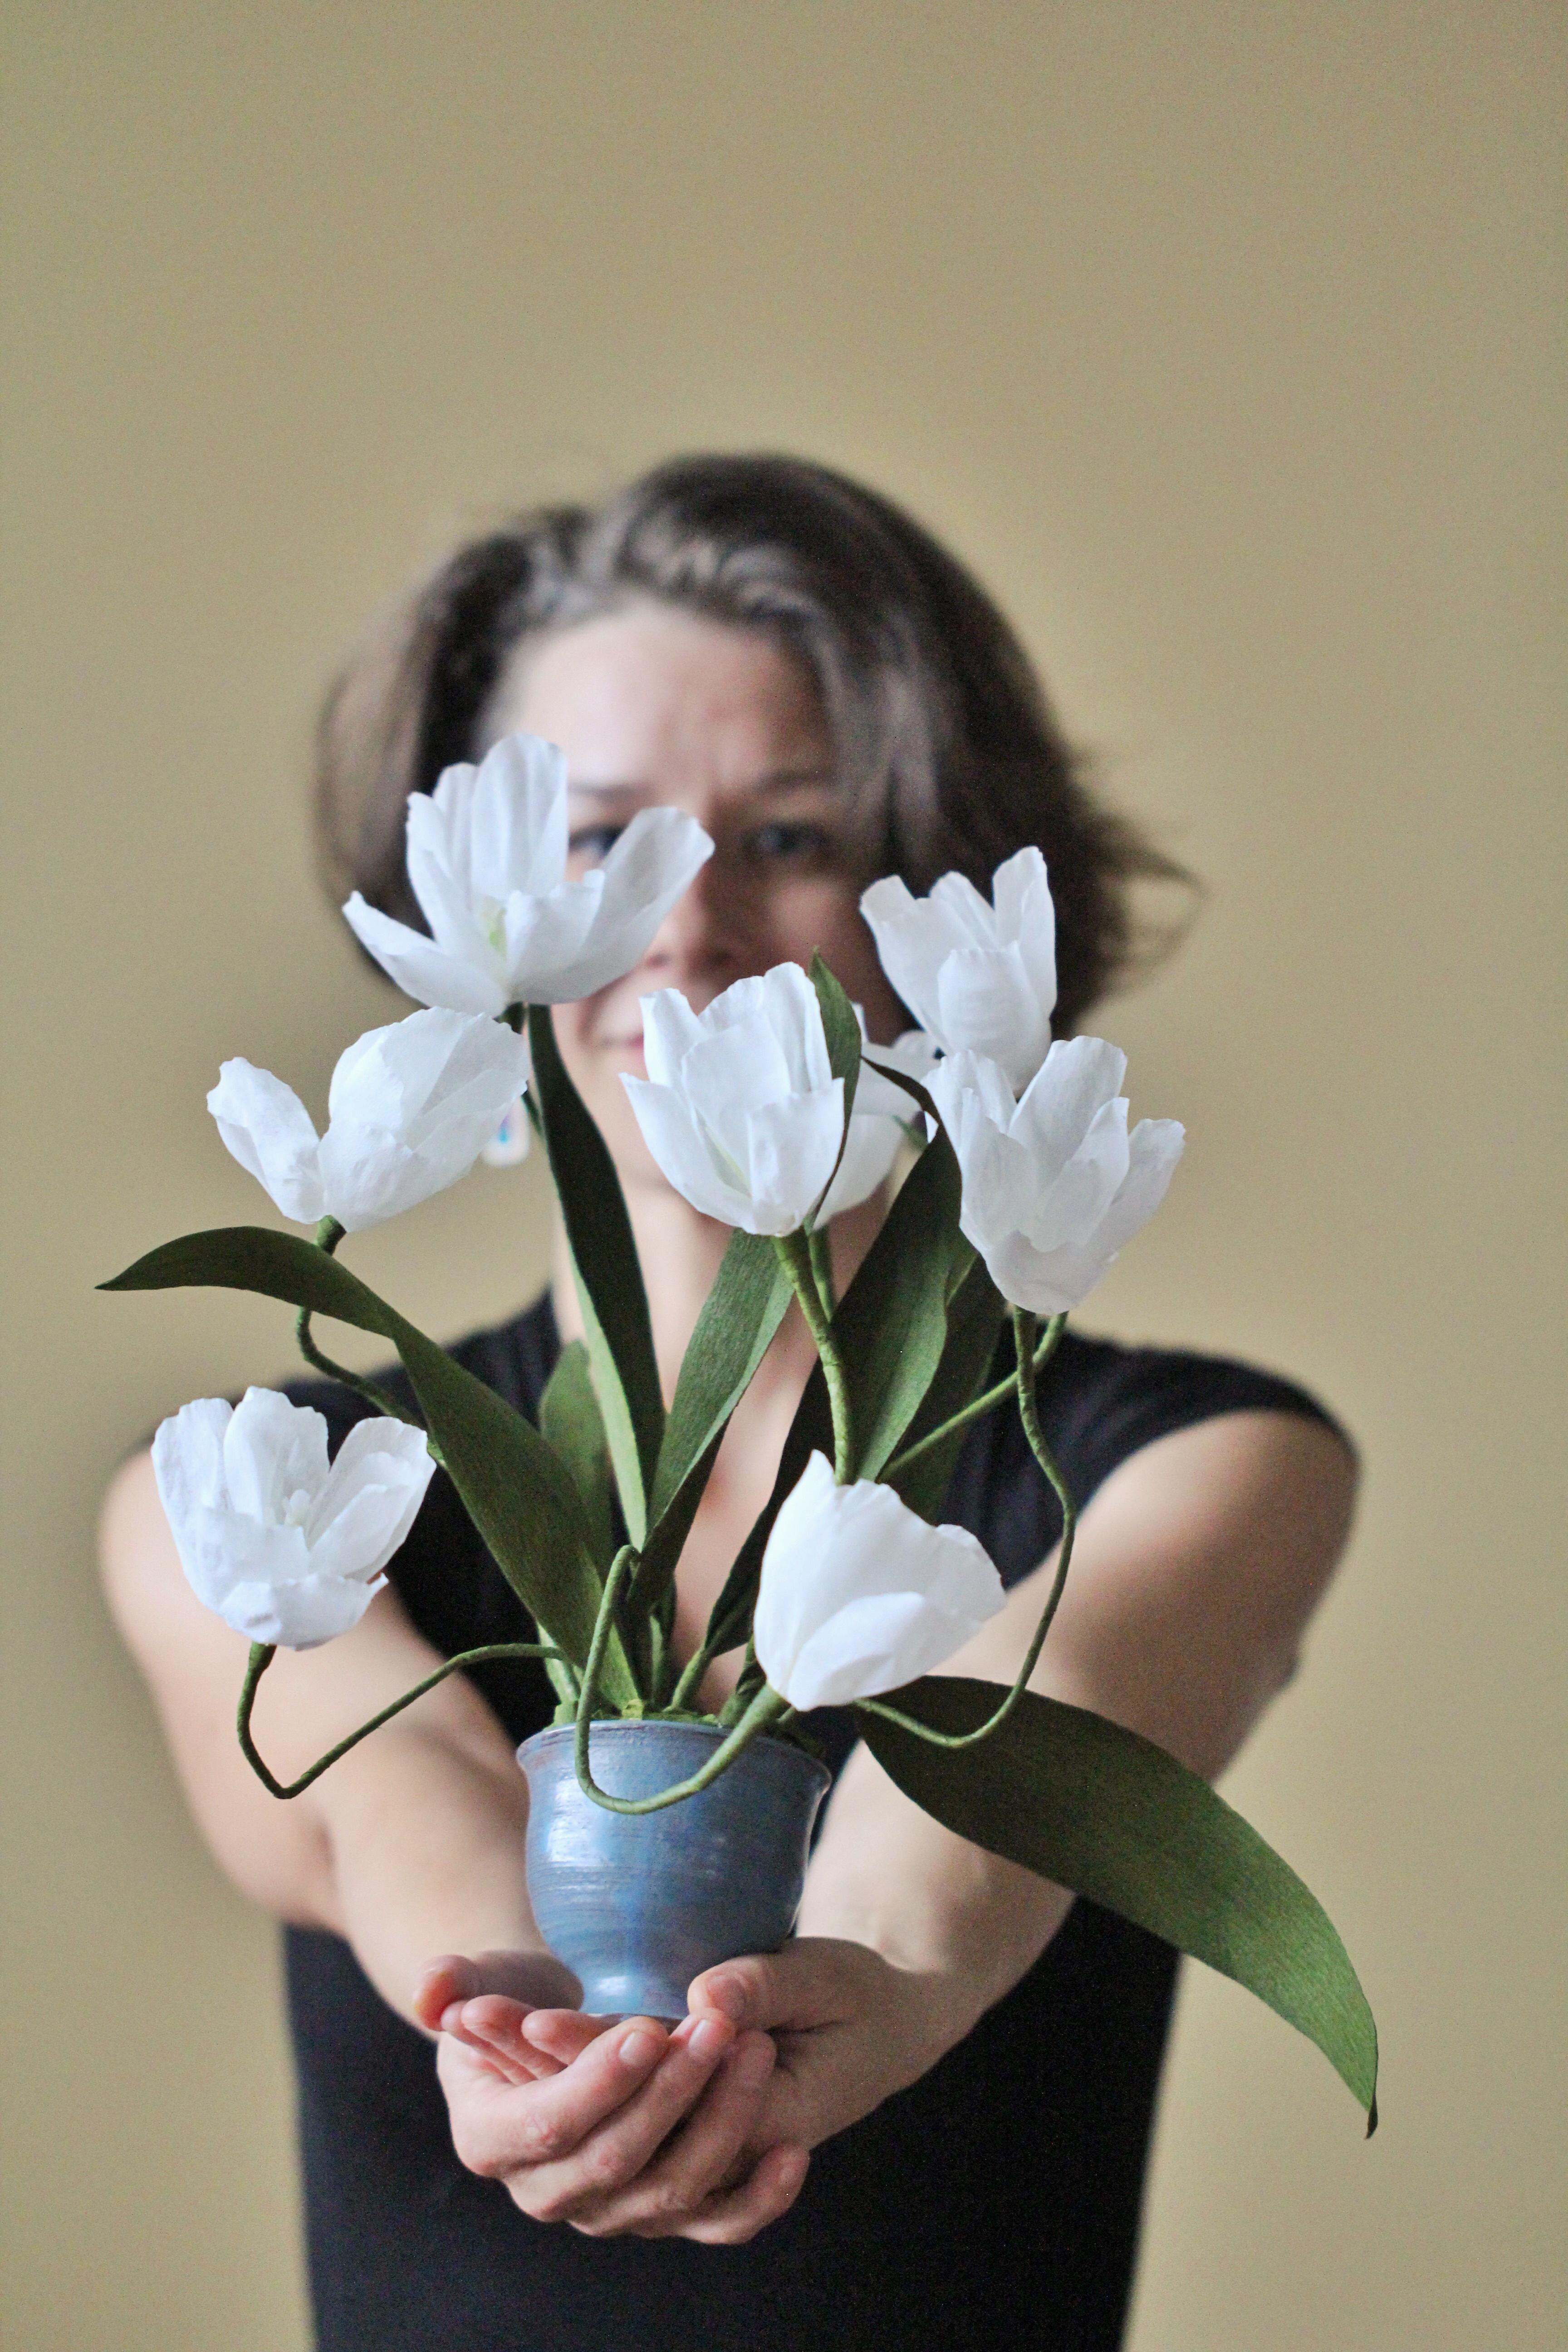 amity beane paper flower artist